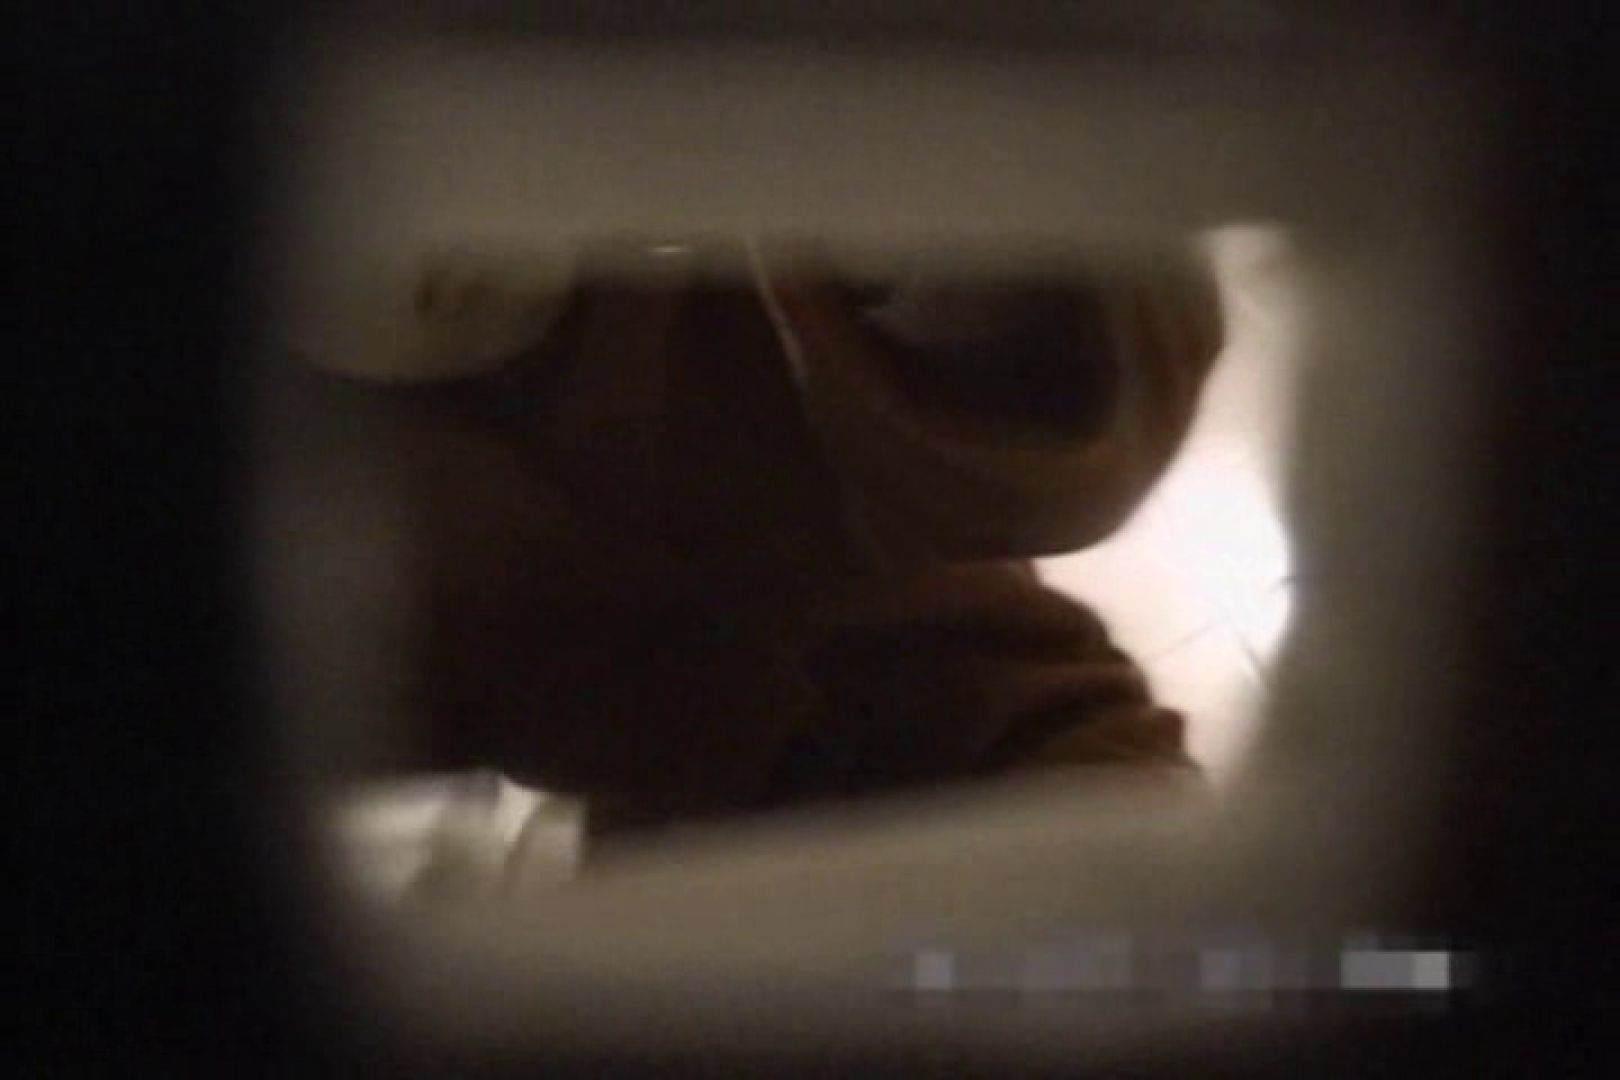 STY-013 実録!2カメde女子洗面所 名作 AV動画キャプチャ 113pic 29